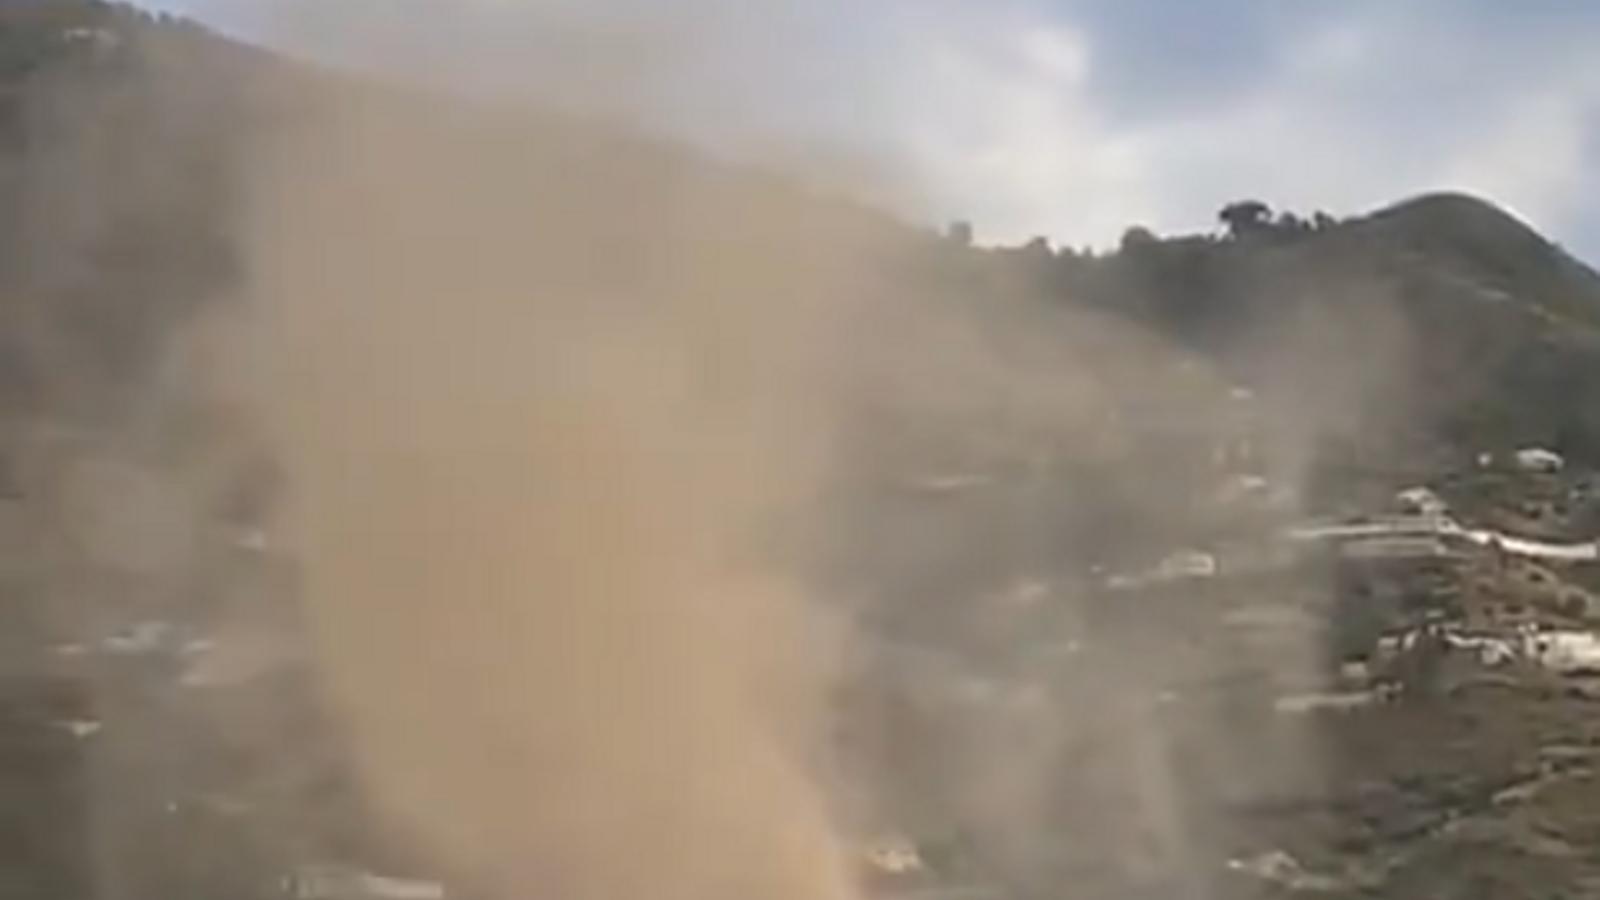 Un tornado força espectacular ha afectat una ciutat del nord de Sicília